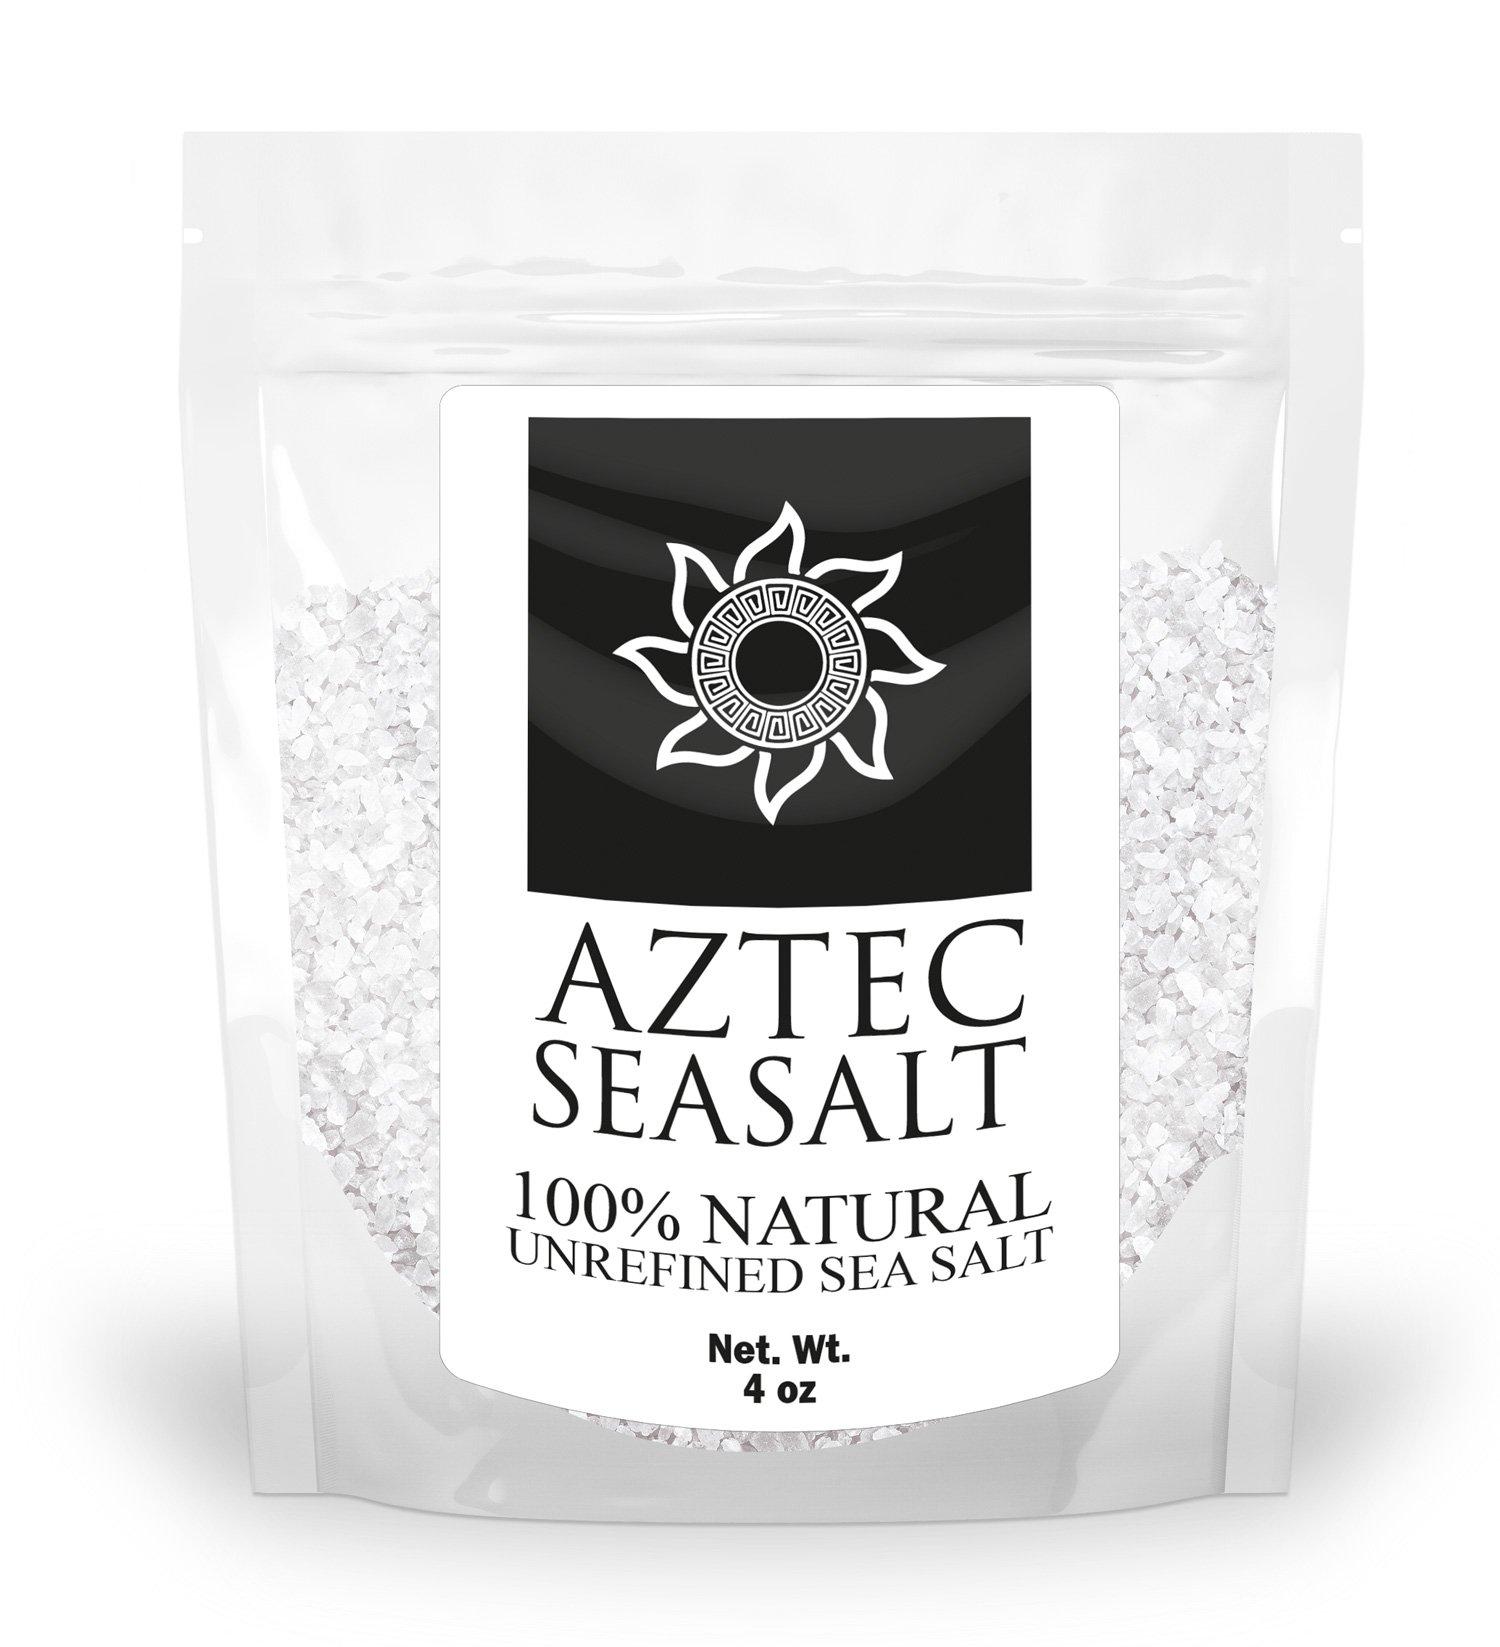 Cheap Sea Salt And Iodized Salt Find Sea Salt And Iodized Salt